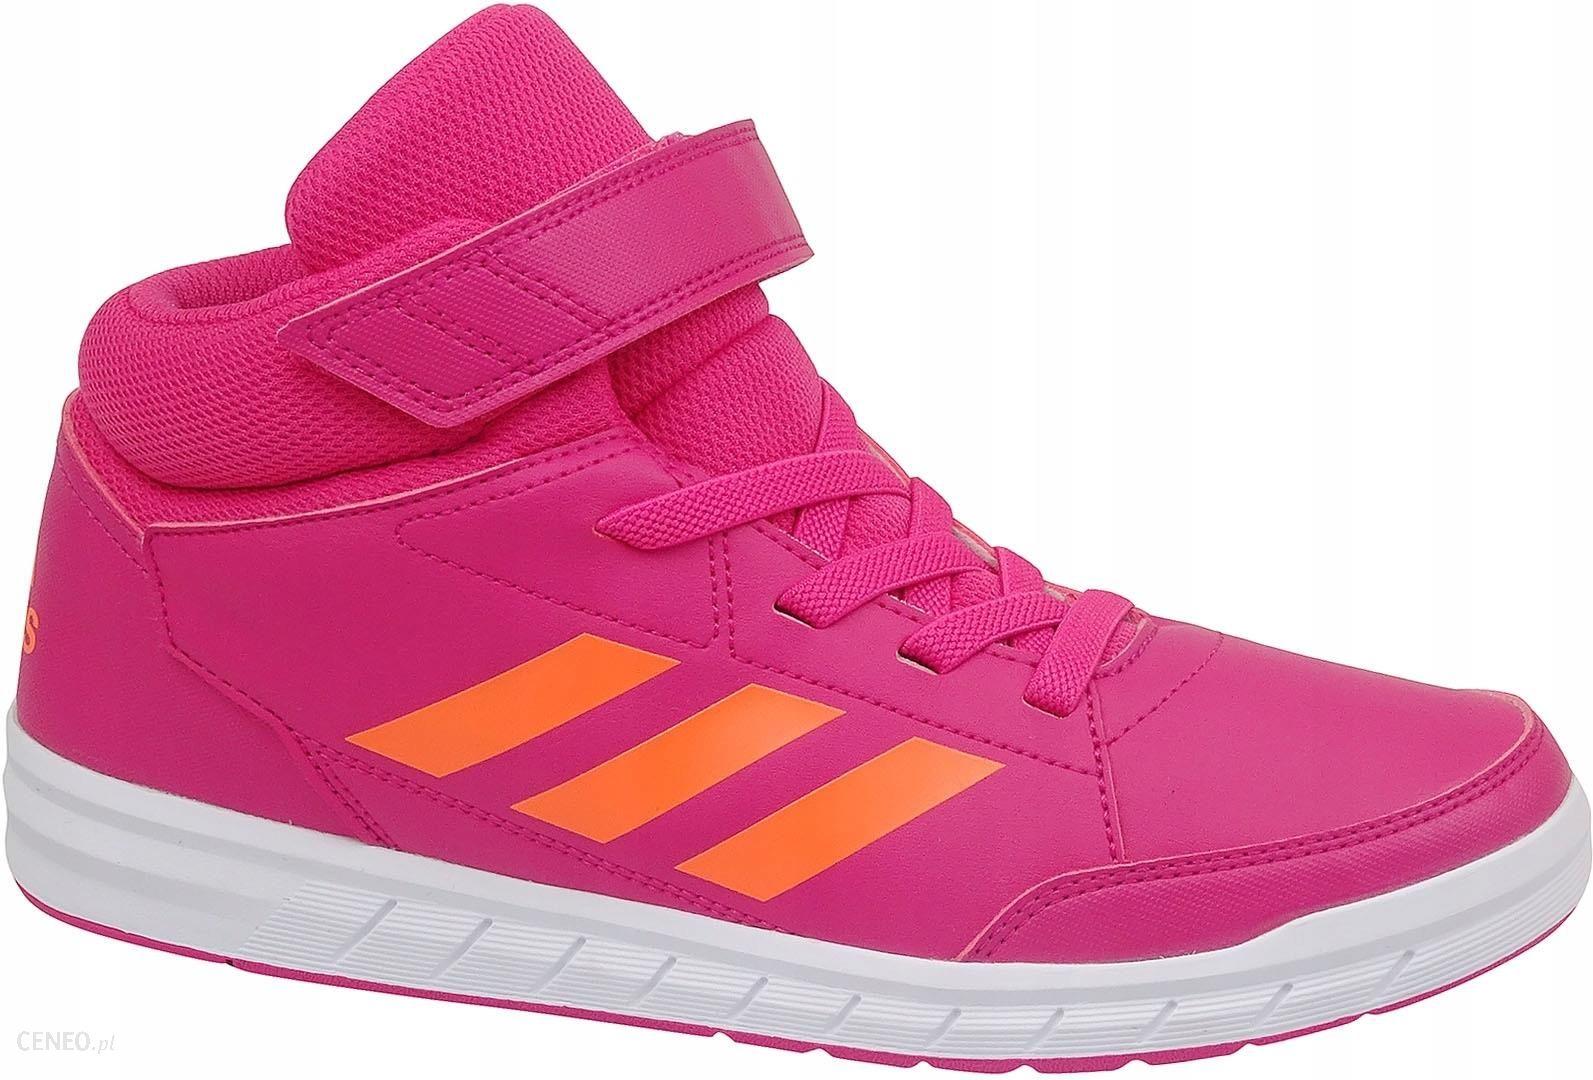 Buty Adidas AltaSport Mid K G27113 r.29 Ceny i opinie Ceneo.pl